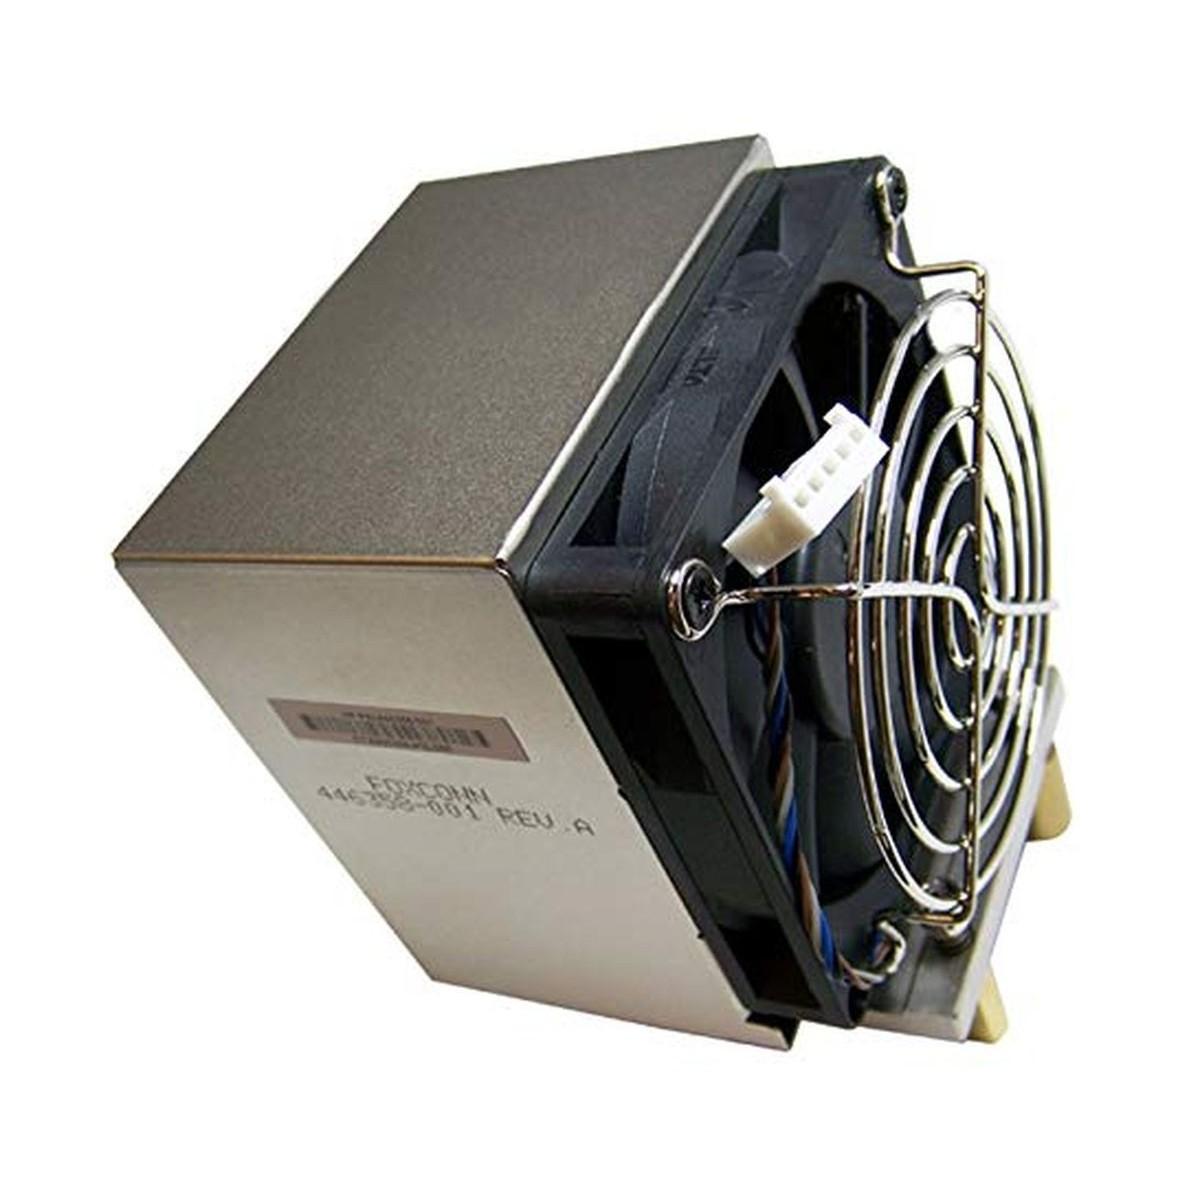 HP 8100 TOWER 2.8QC i7 860 8GB 500GB SATA WIN7 PRO